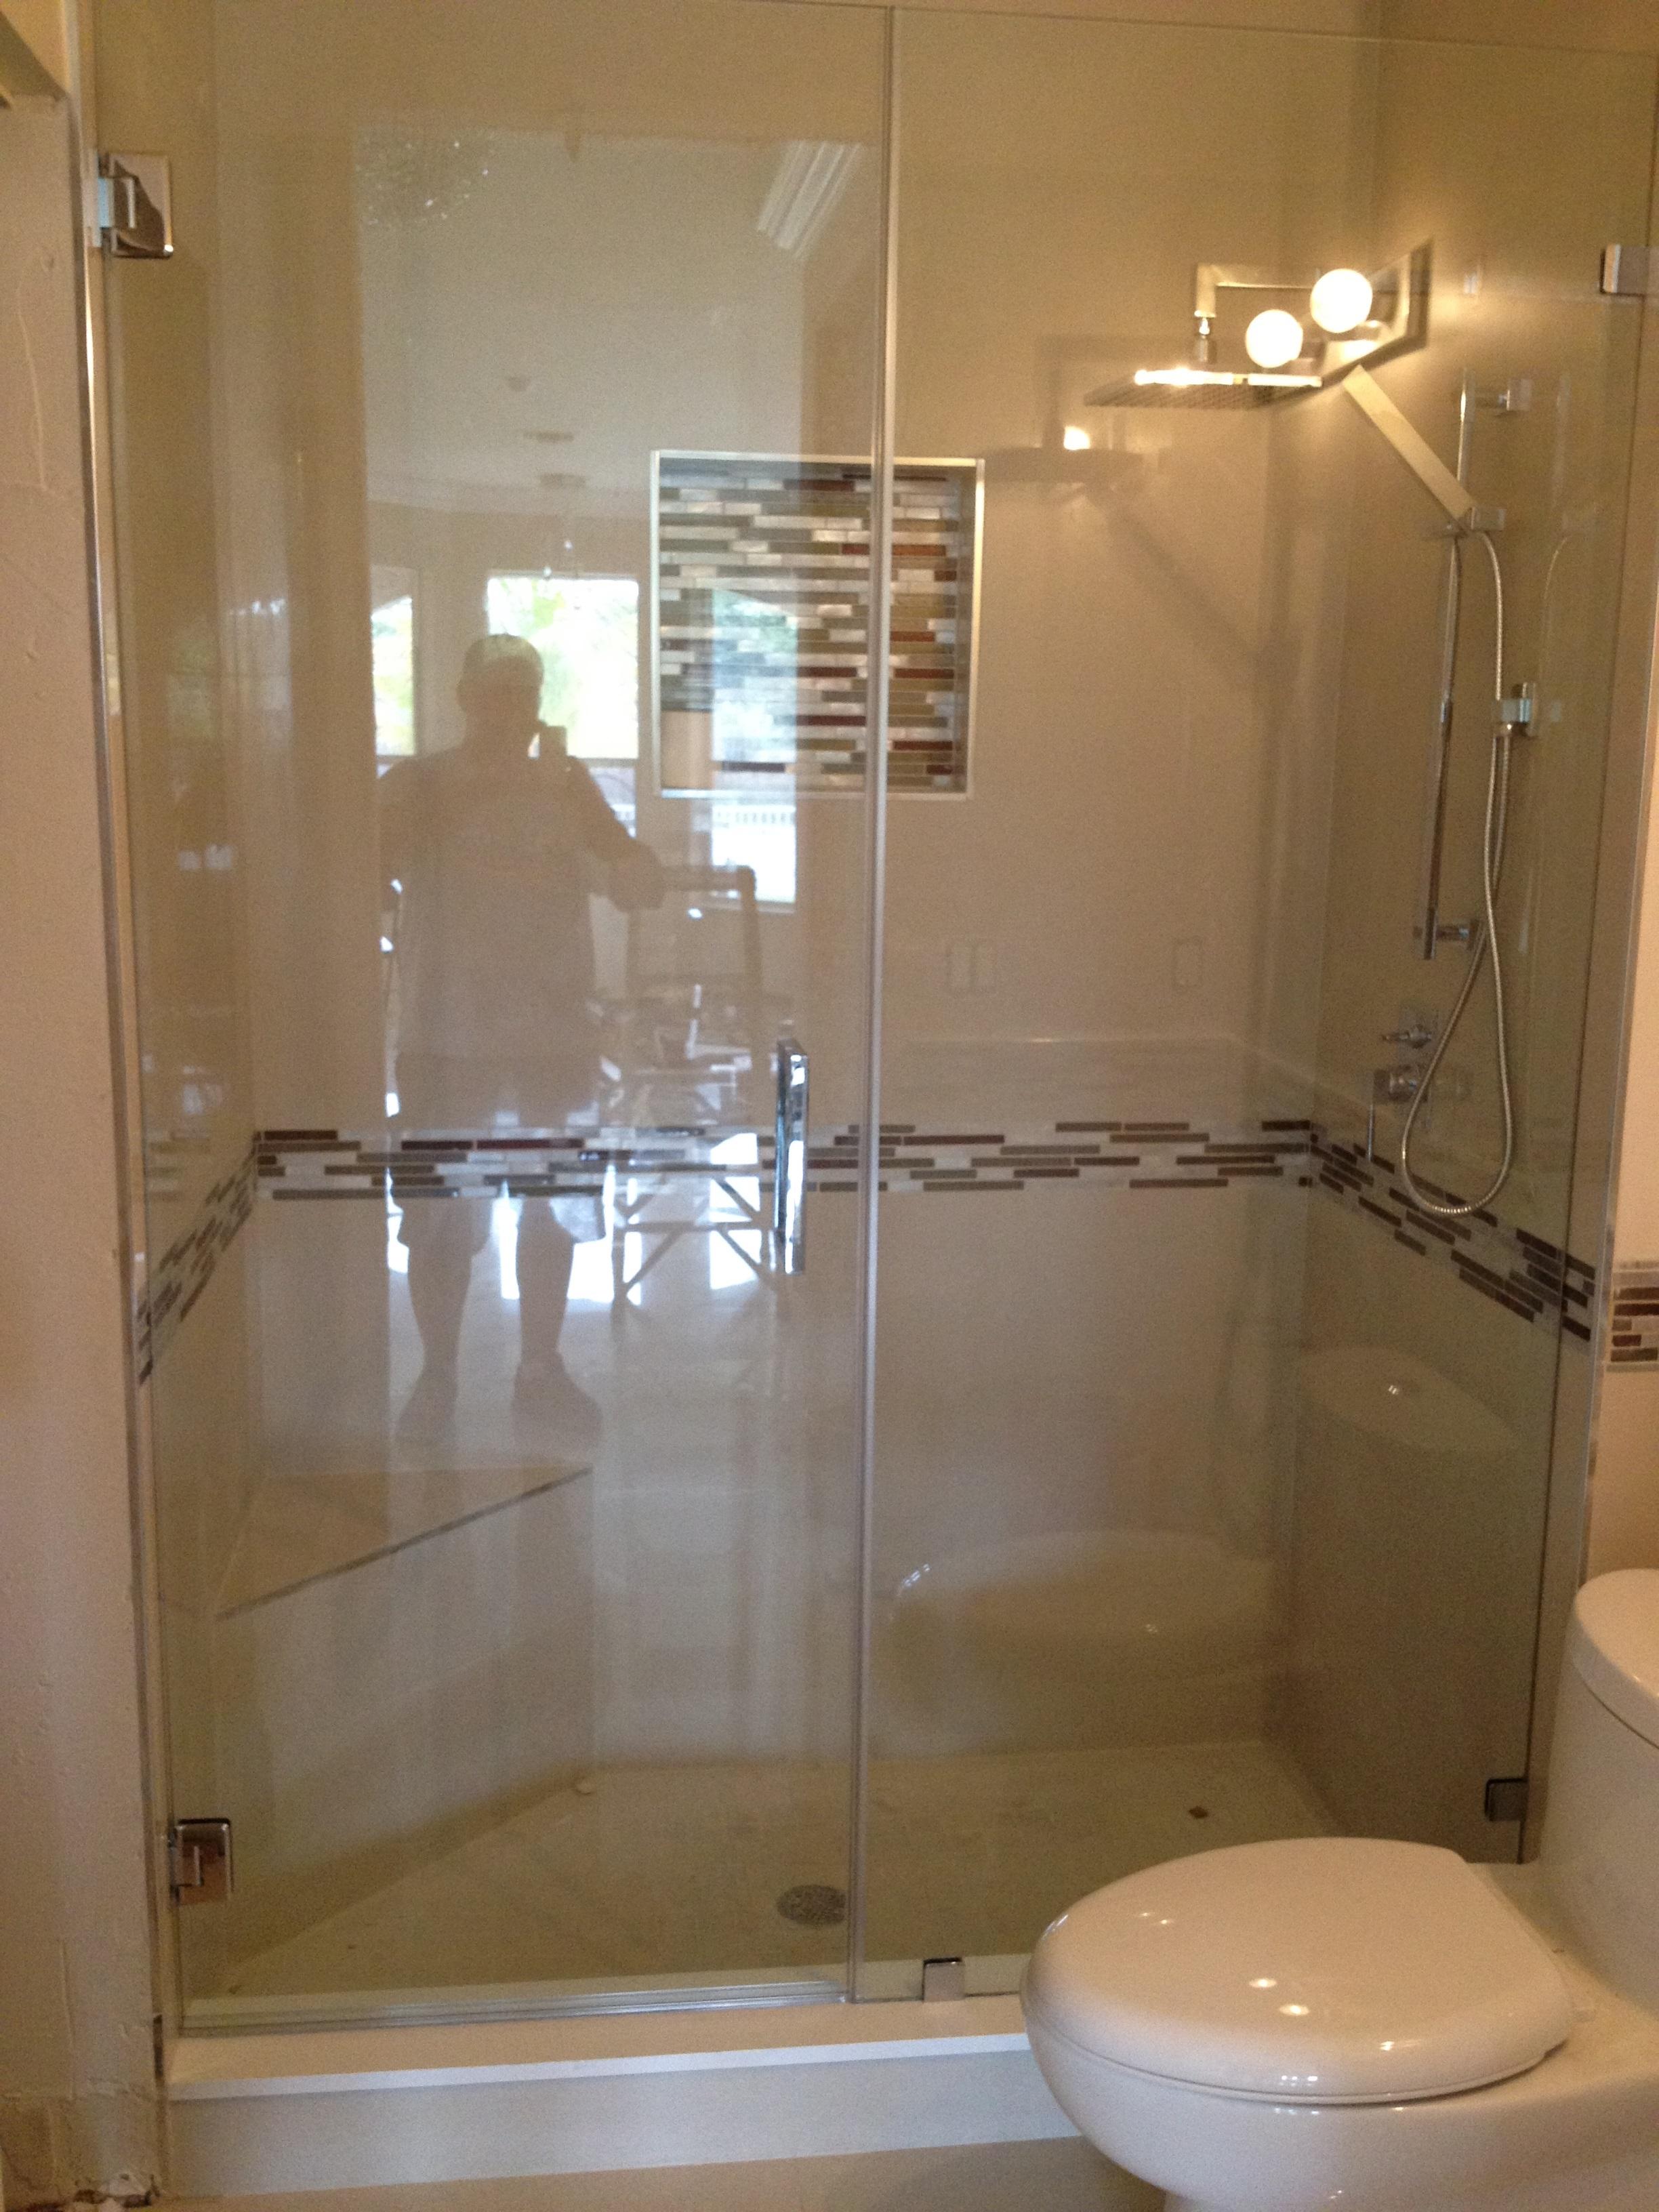 Frameless shower glass doors